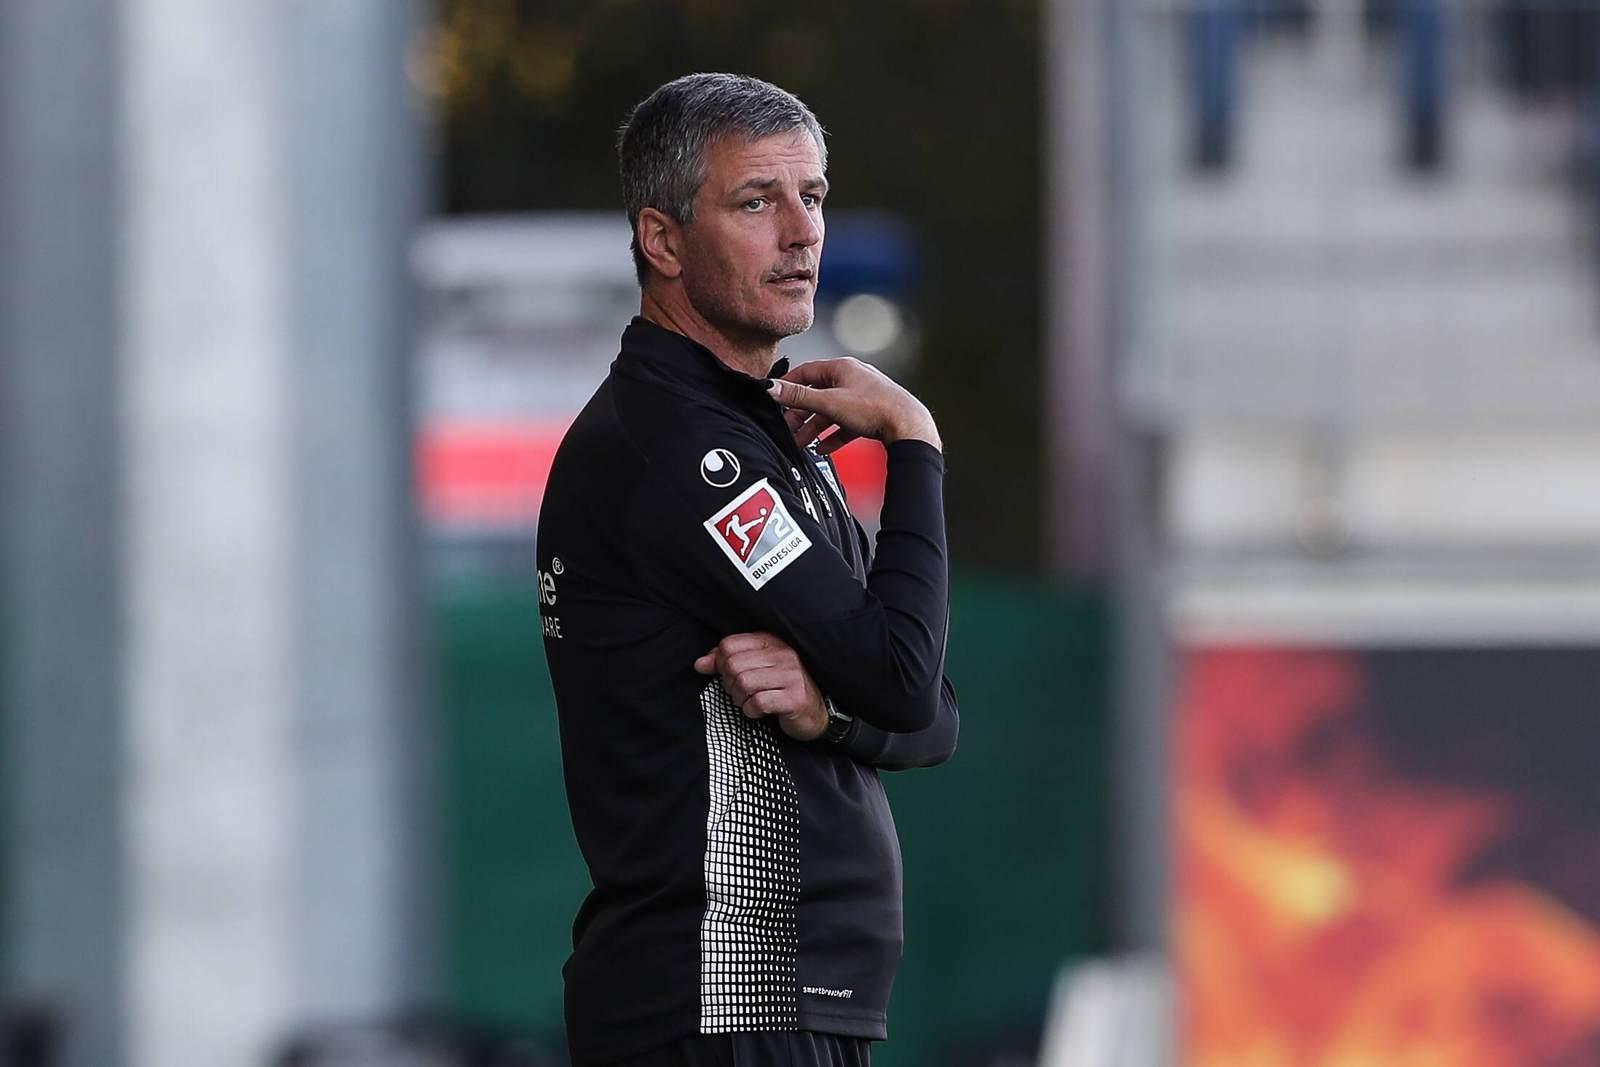 Jens Härtel an der Seitenlinie beim 1. FC Magdeburg